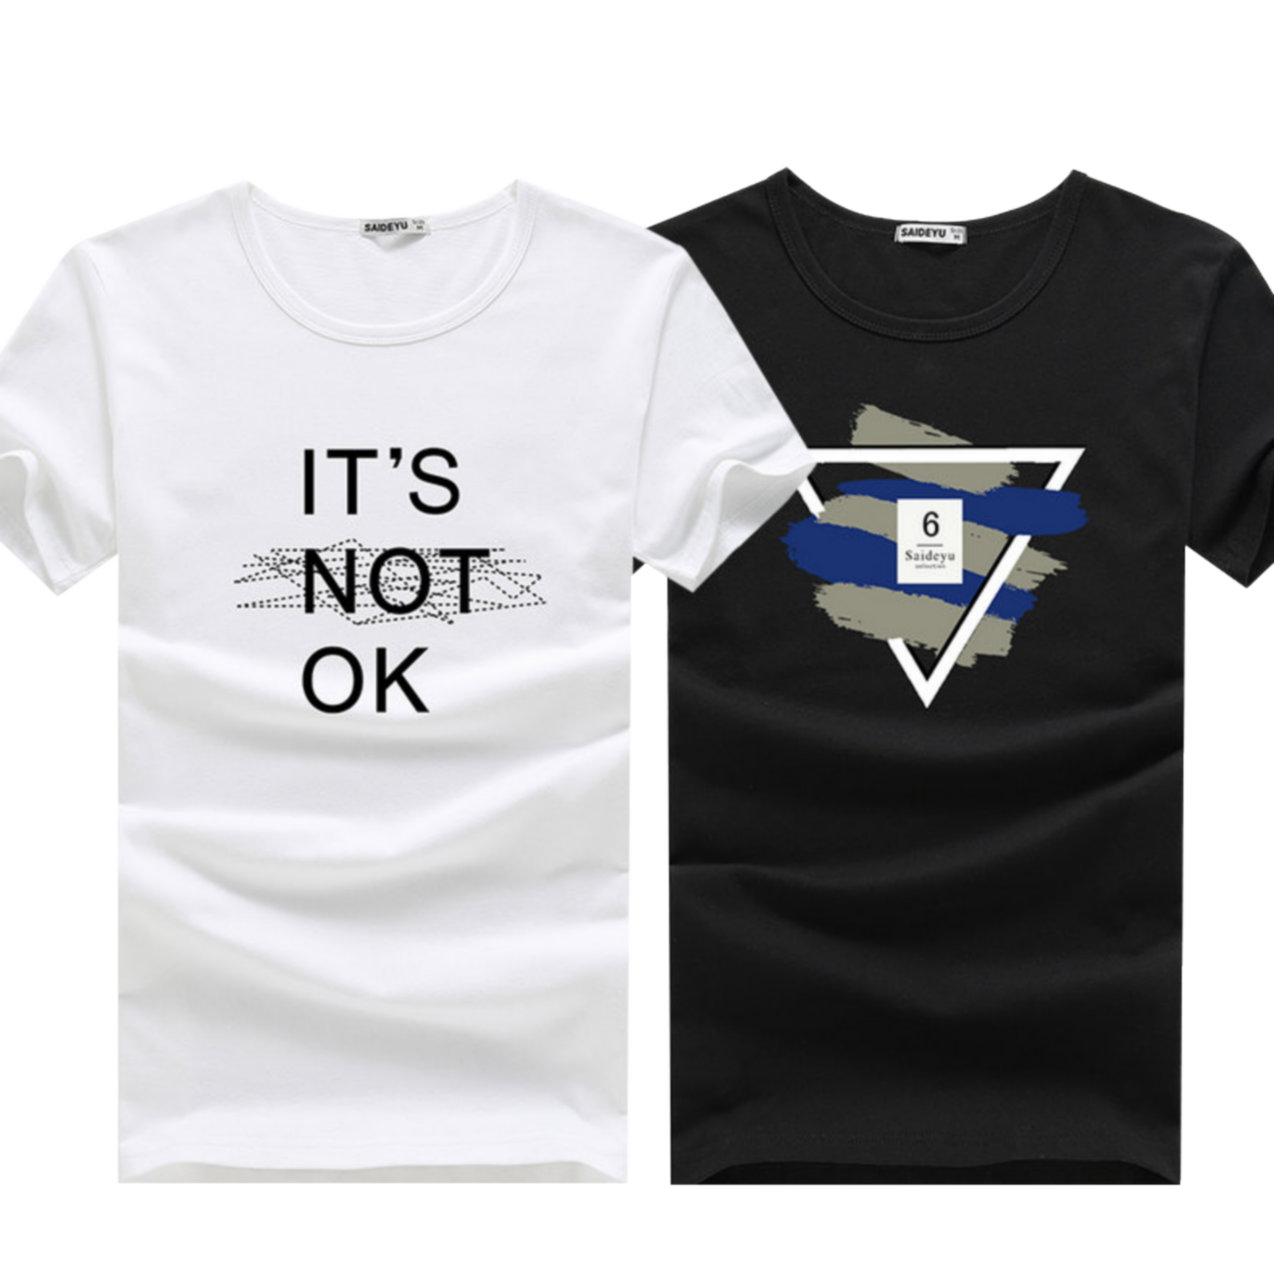 2020春季纯棉短袖男T恤潮男装上衣服纯色圆领打底衫体恤t夏季半袖